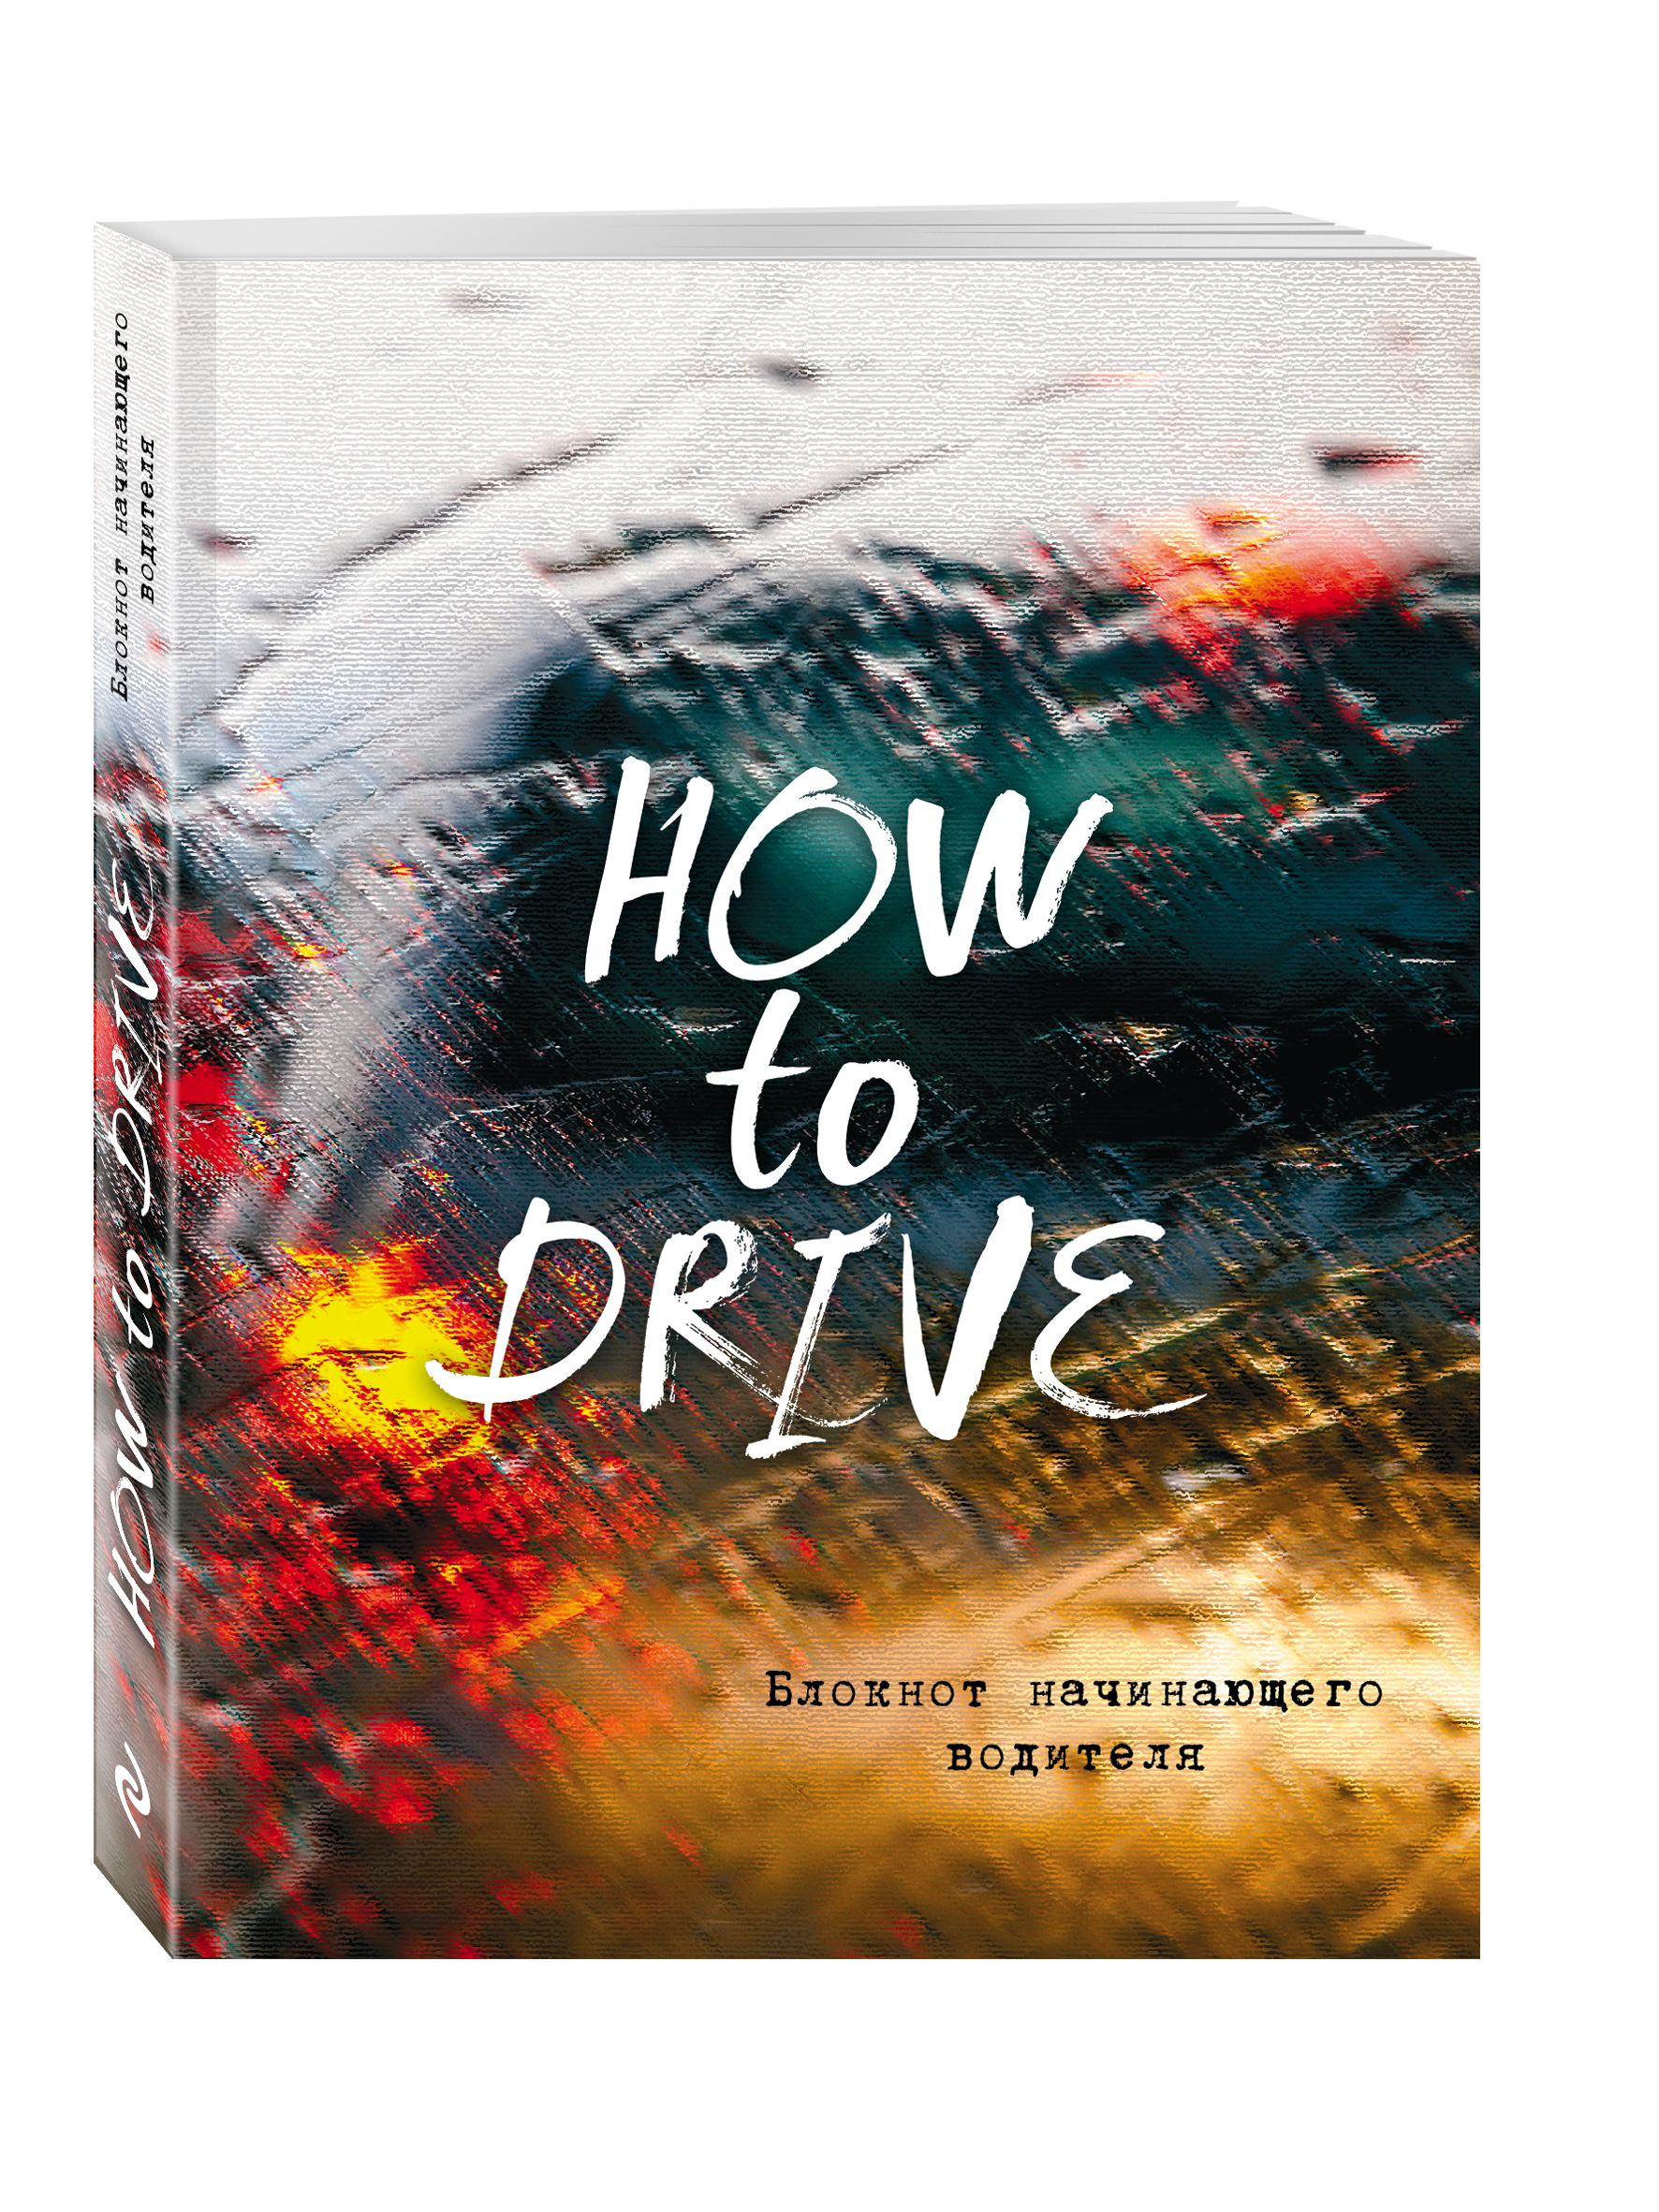 Блокнот начинающего водителя (How to drive) блокнот начинающего водителя how to drive